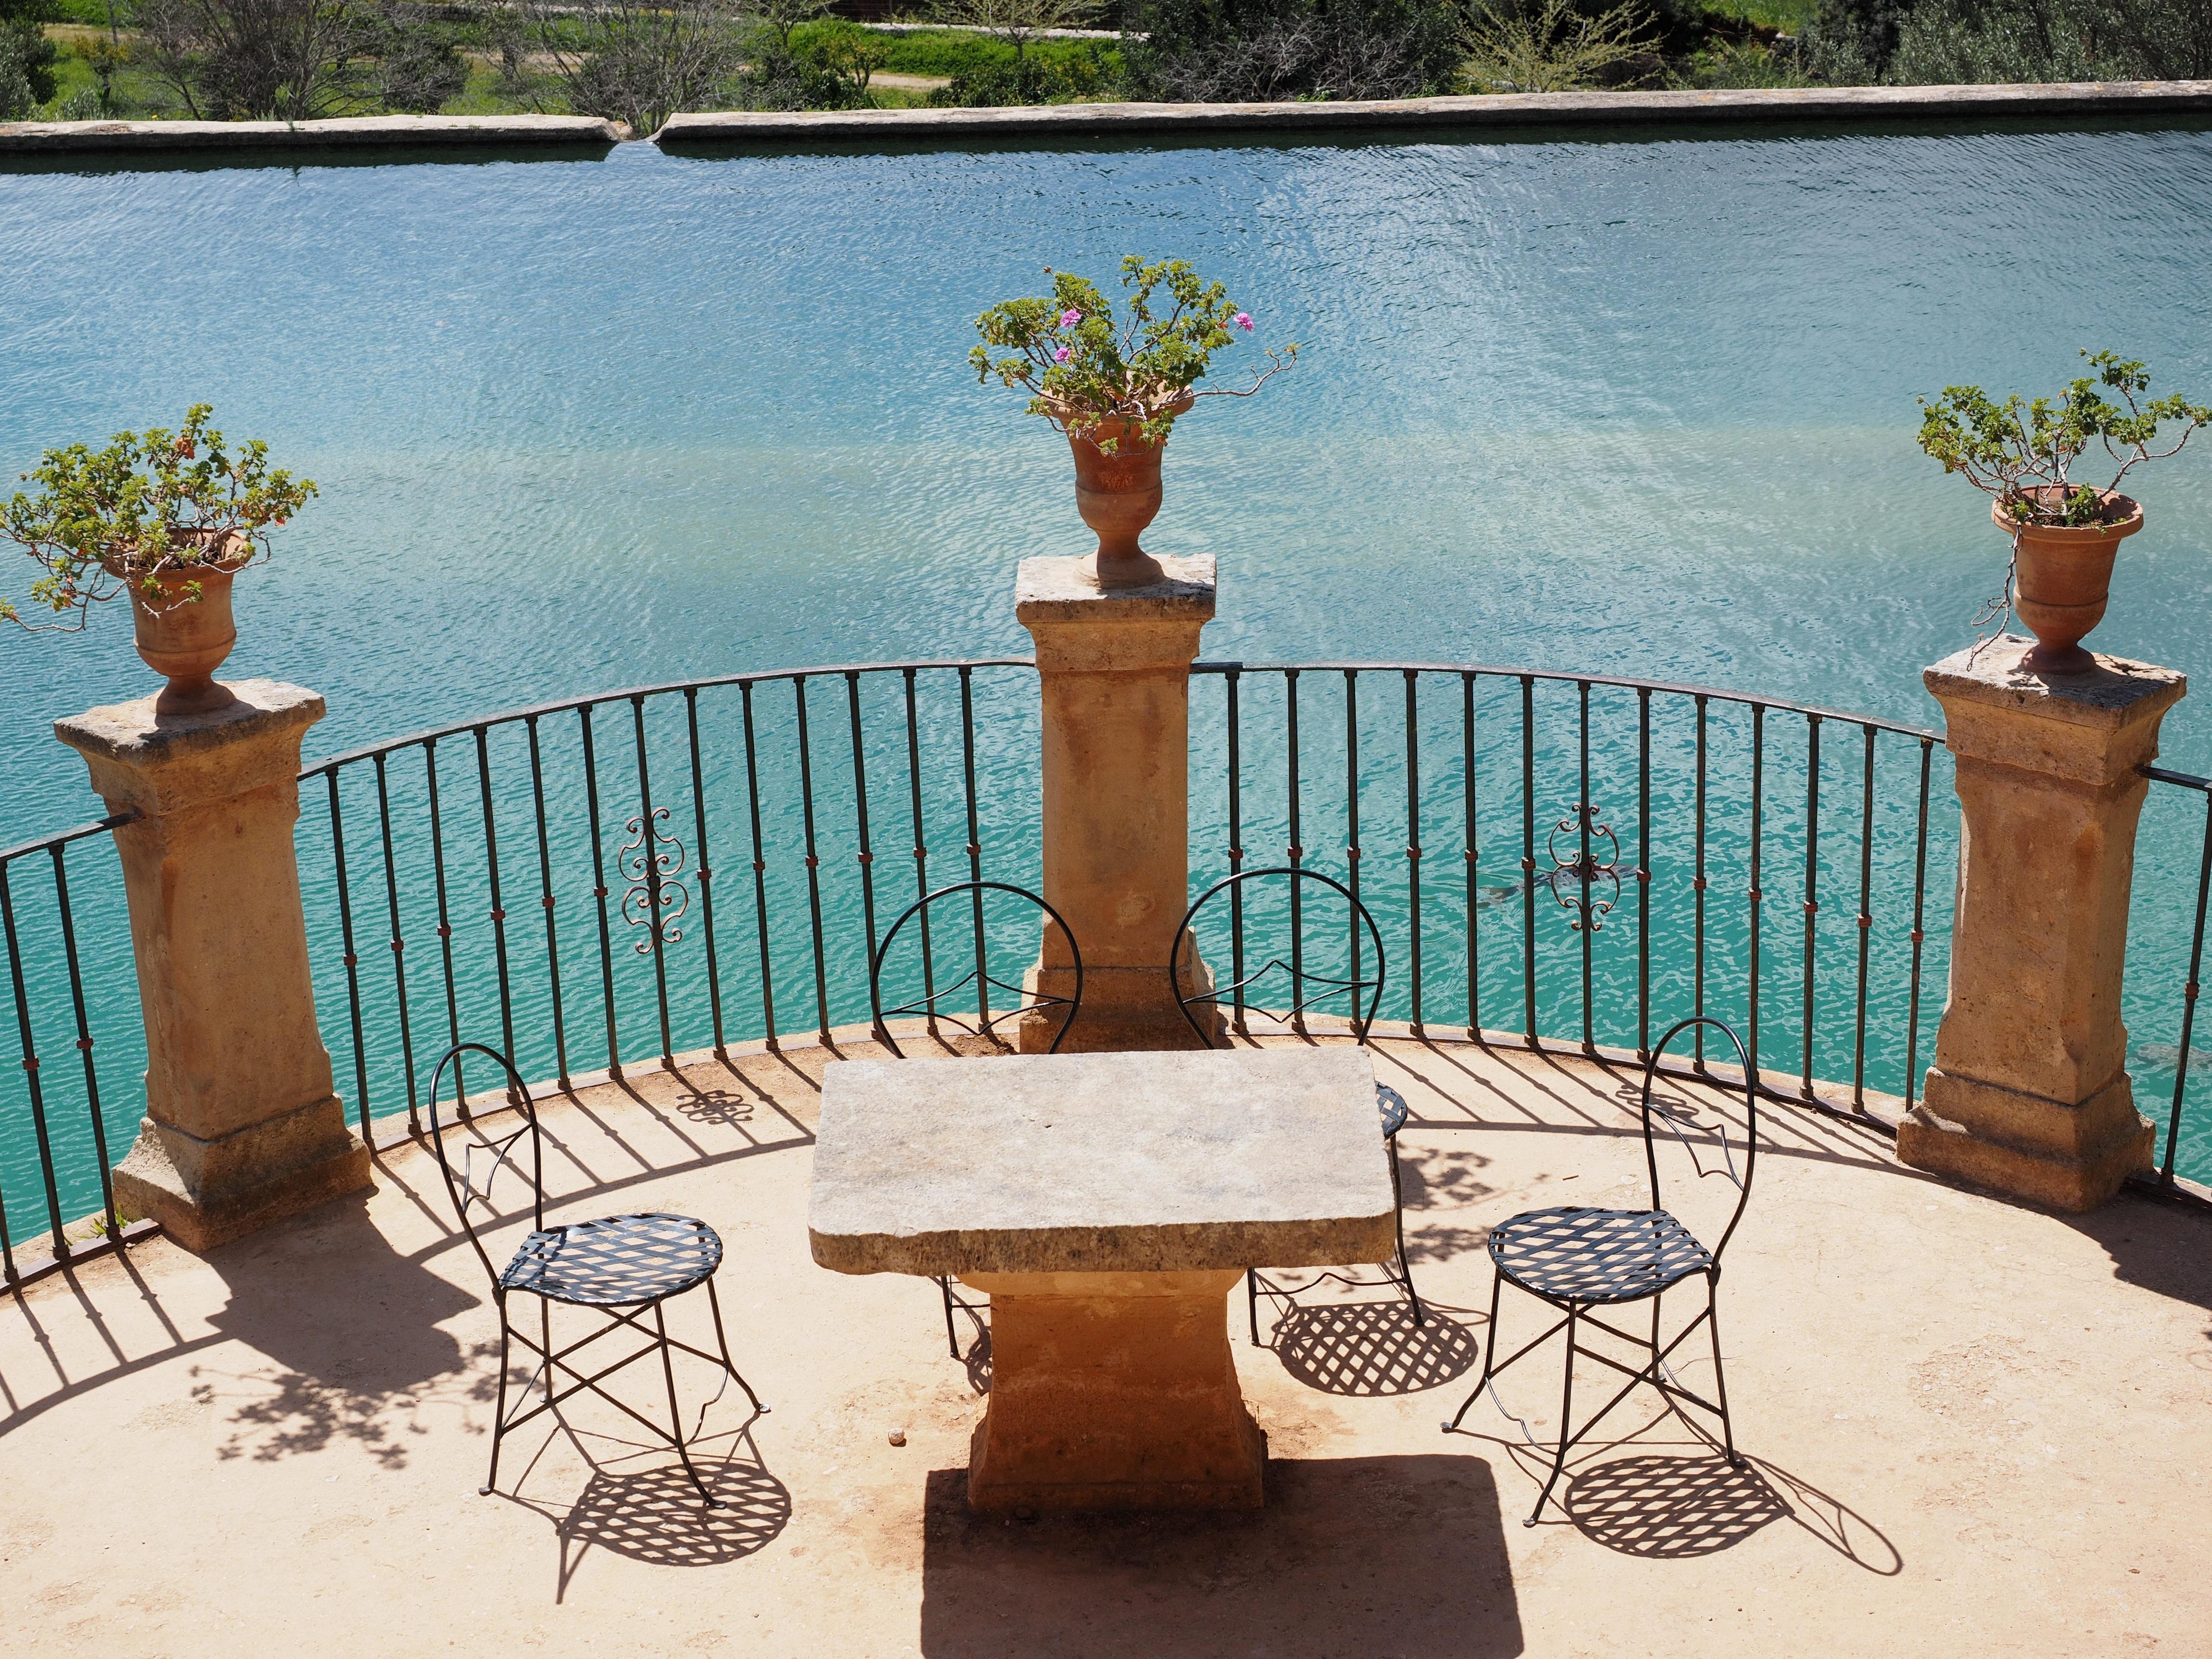 Fotos Gratis Mesa Villa Silla Asiento Vacaciones Balc N  # Muebles Panorama